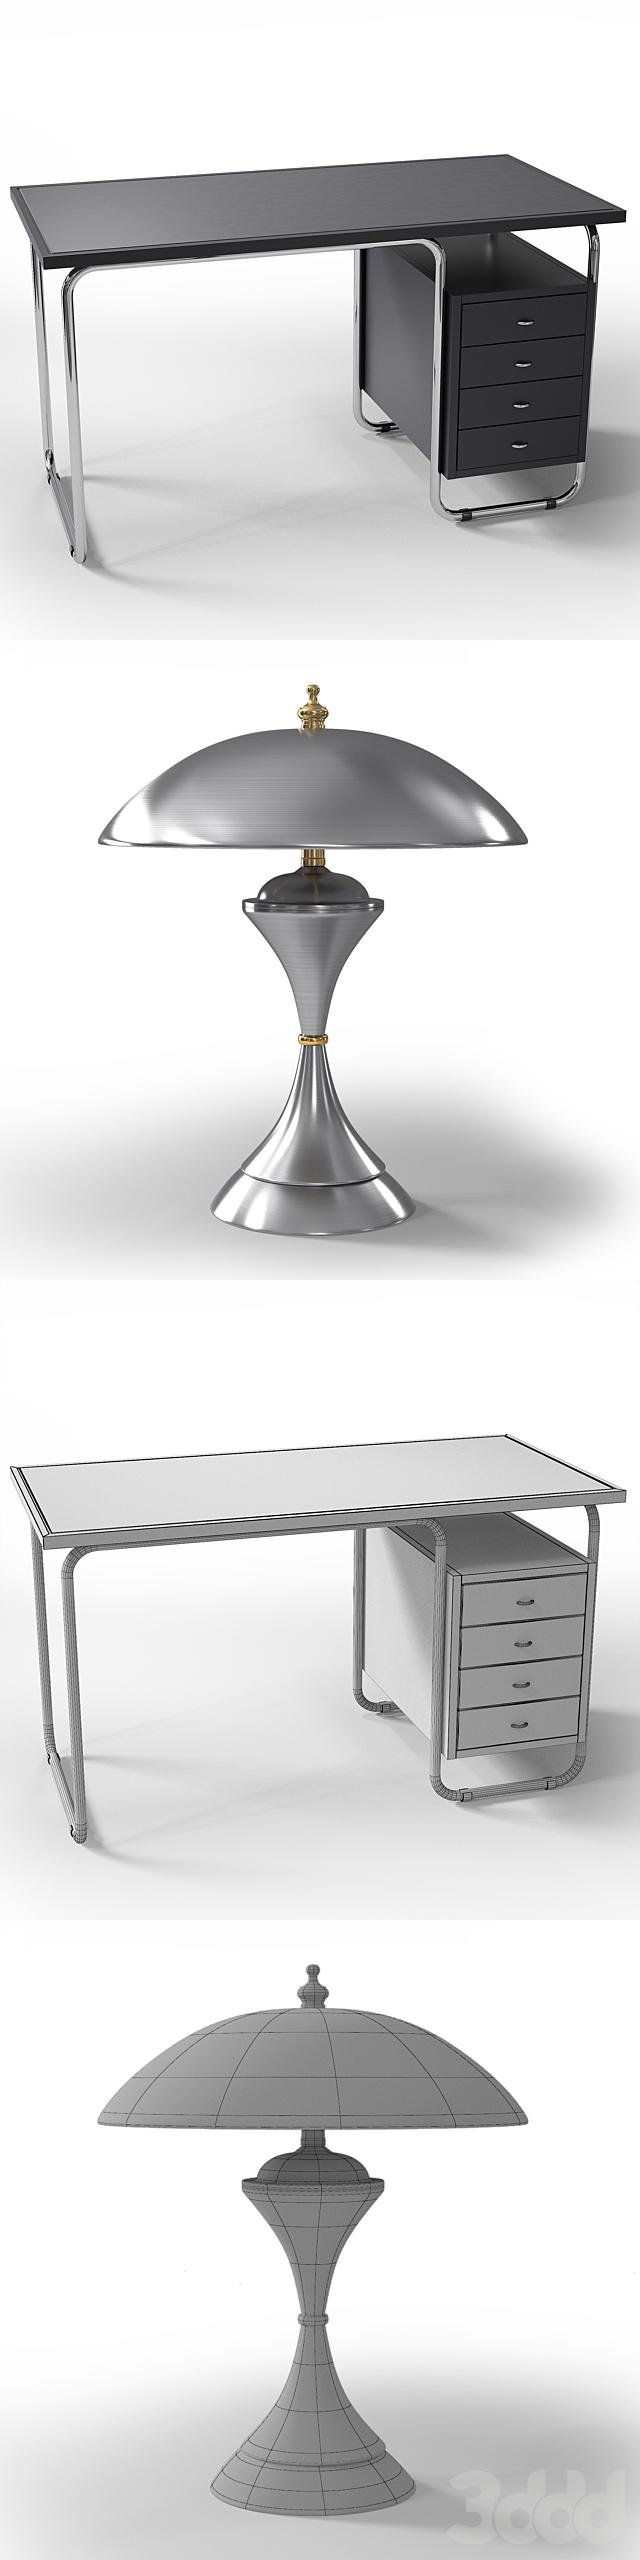 Liza 2274 and Comacina table